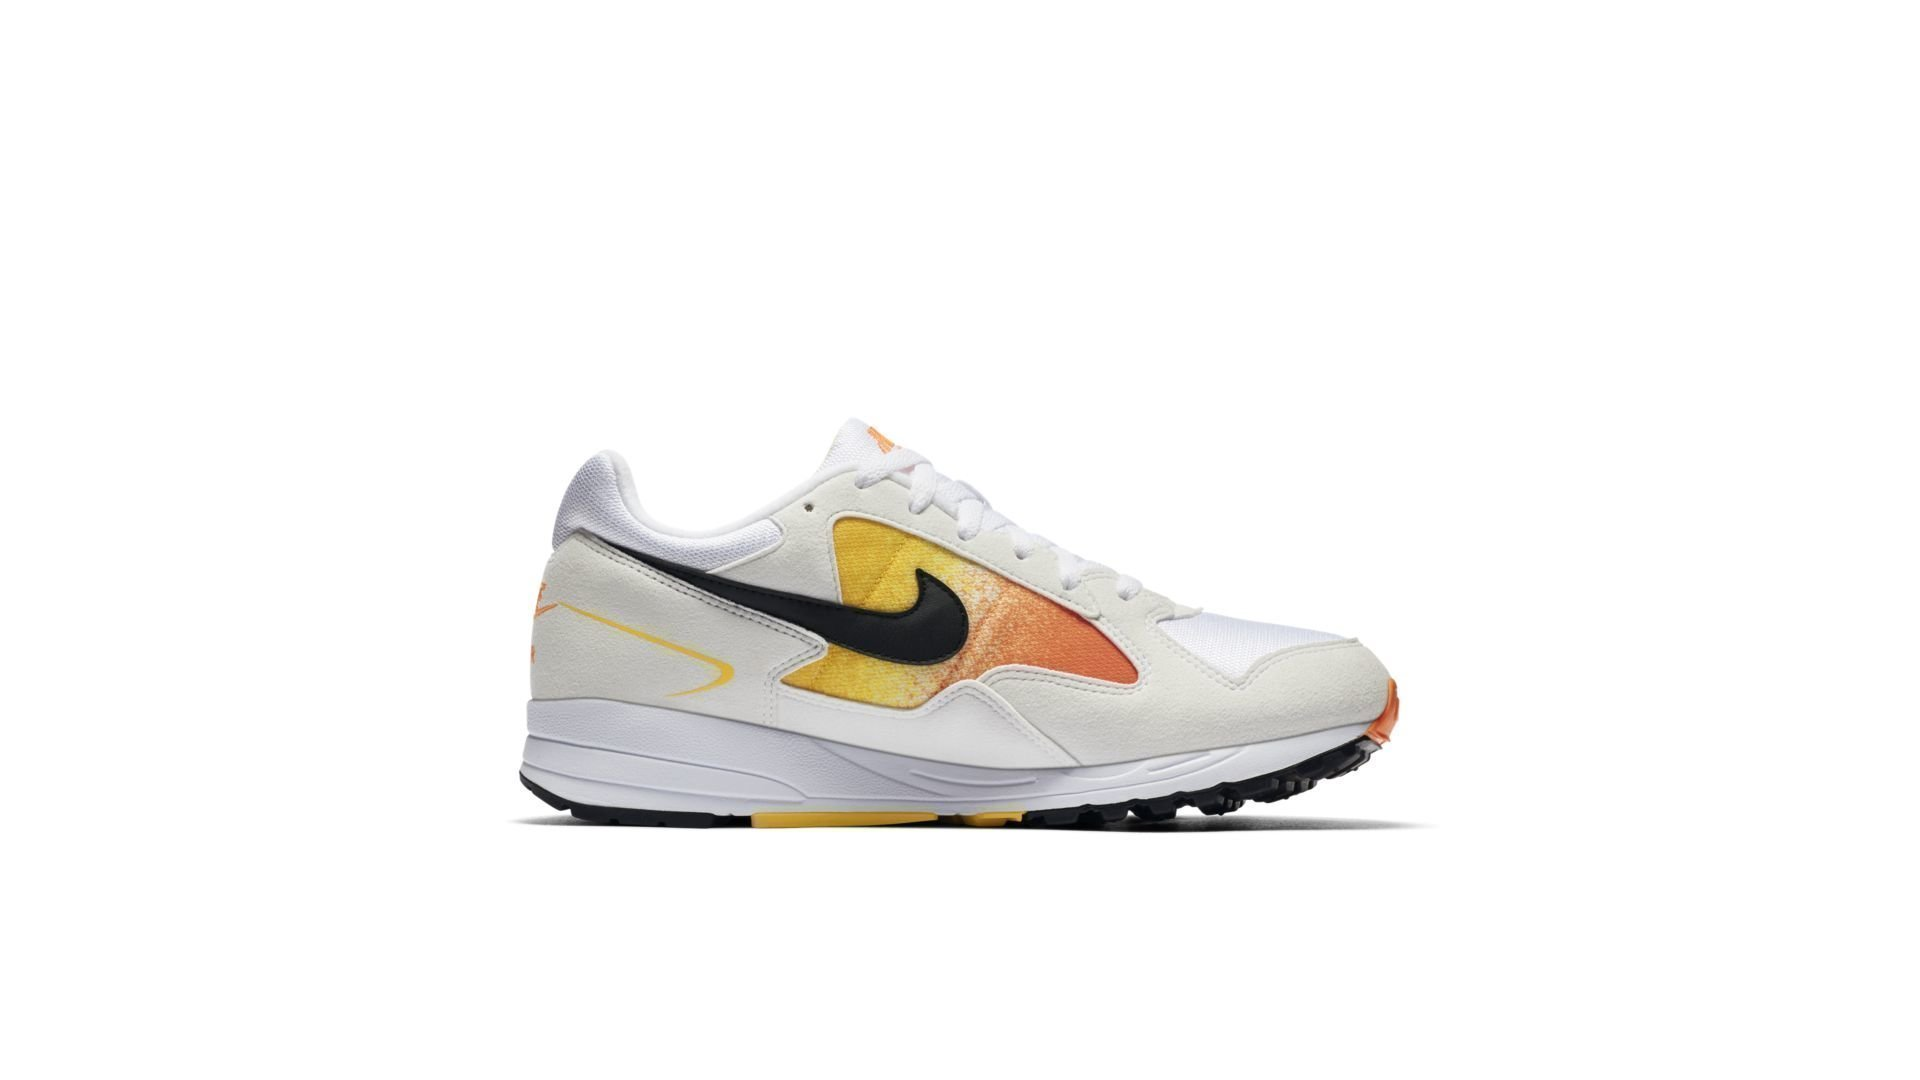 Nike Air Skylon II 'White/Yellow'  (AO1551-102)